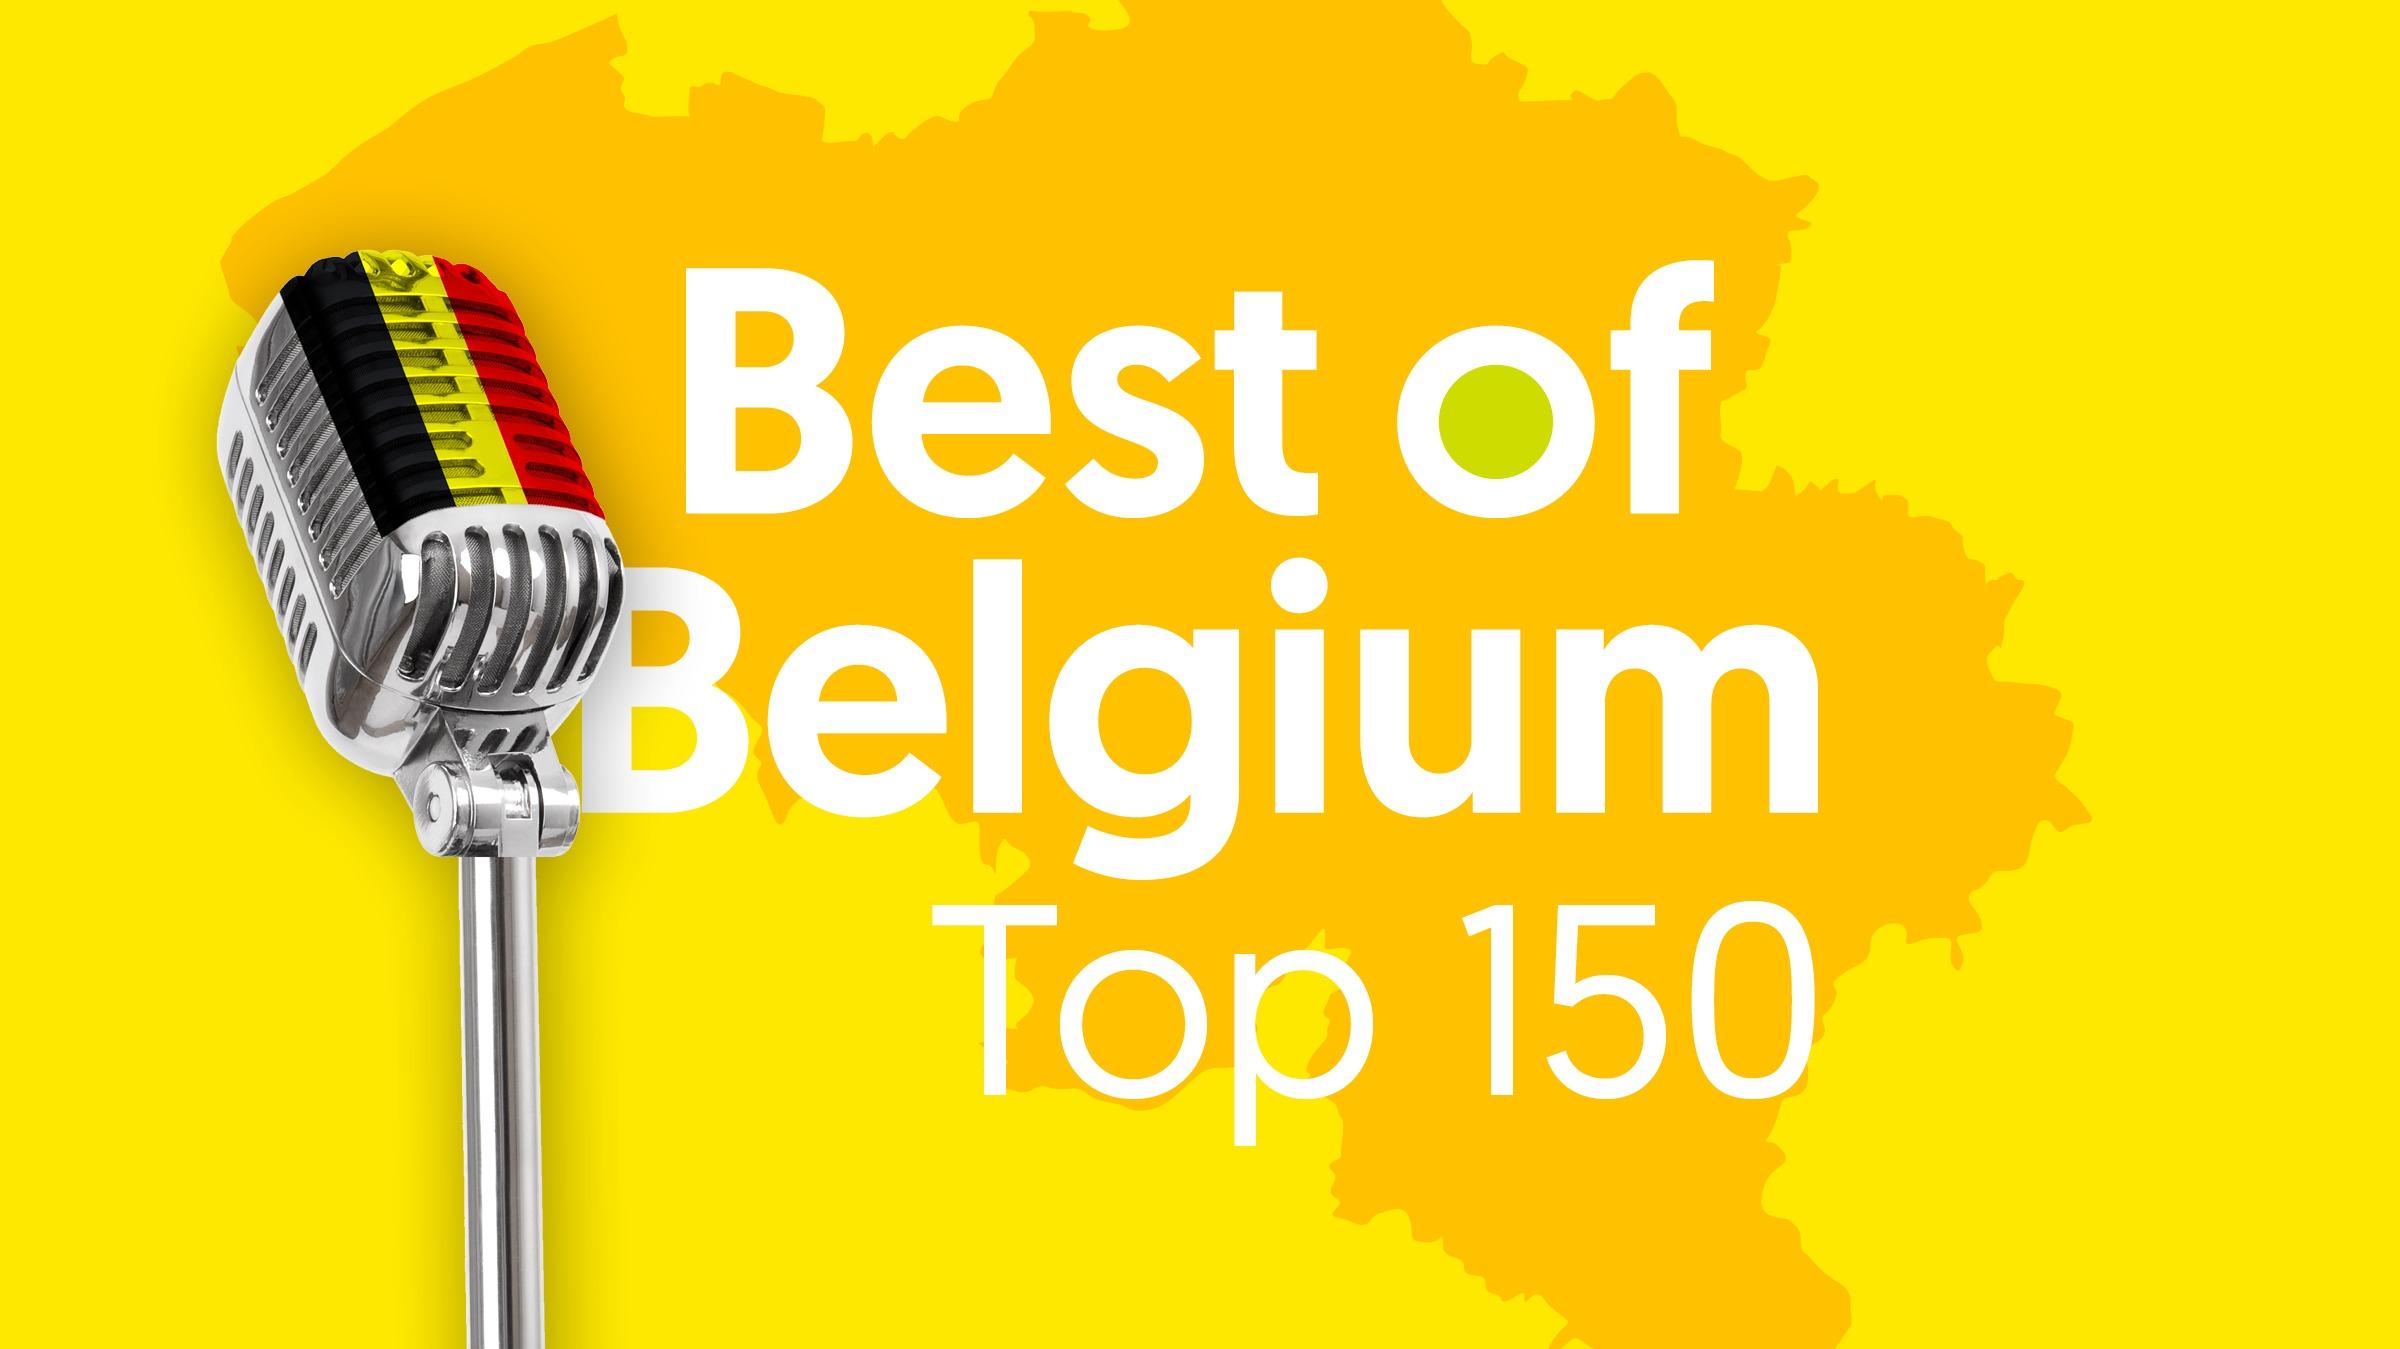 Best of belgium top 150 2400x1350 1